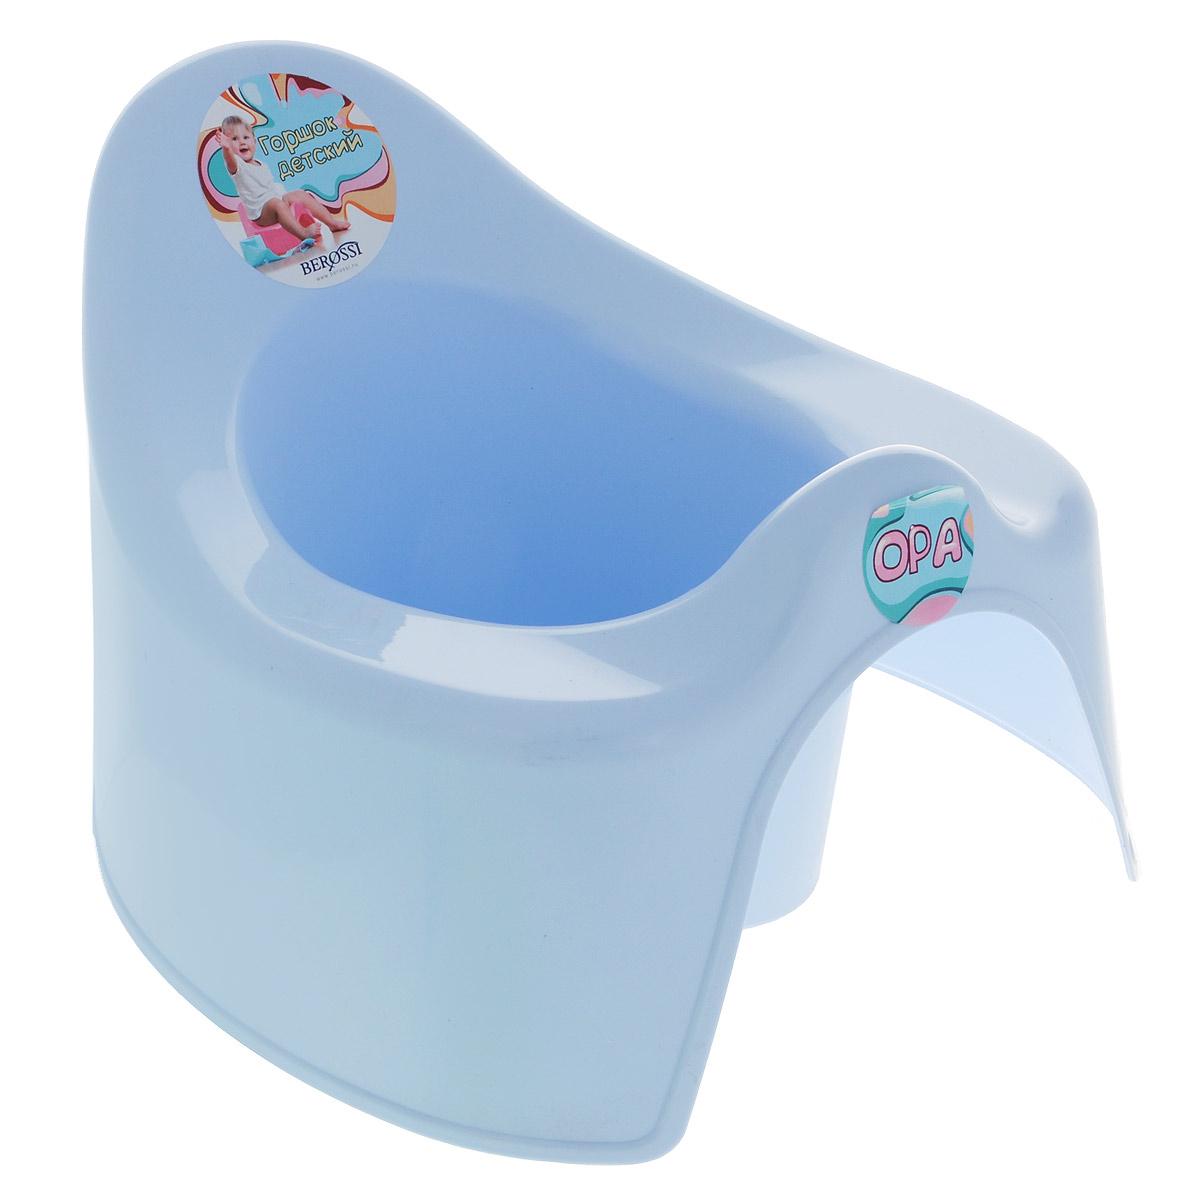 """Горшок детский Berossi """"Opa"""", цвет: светло-голубой АС21208"""